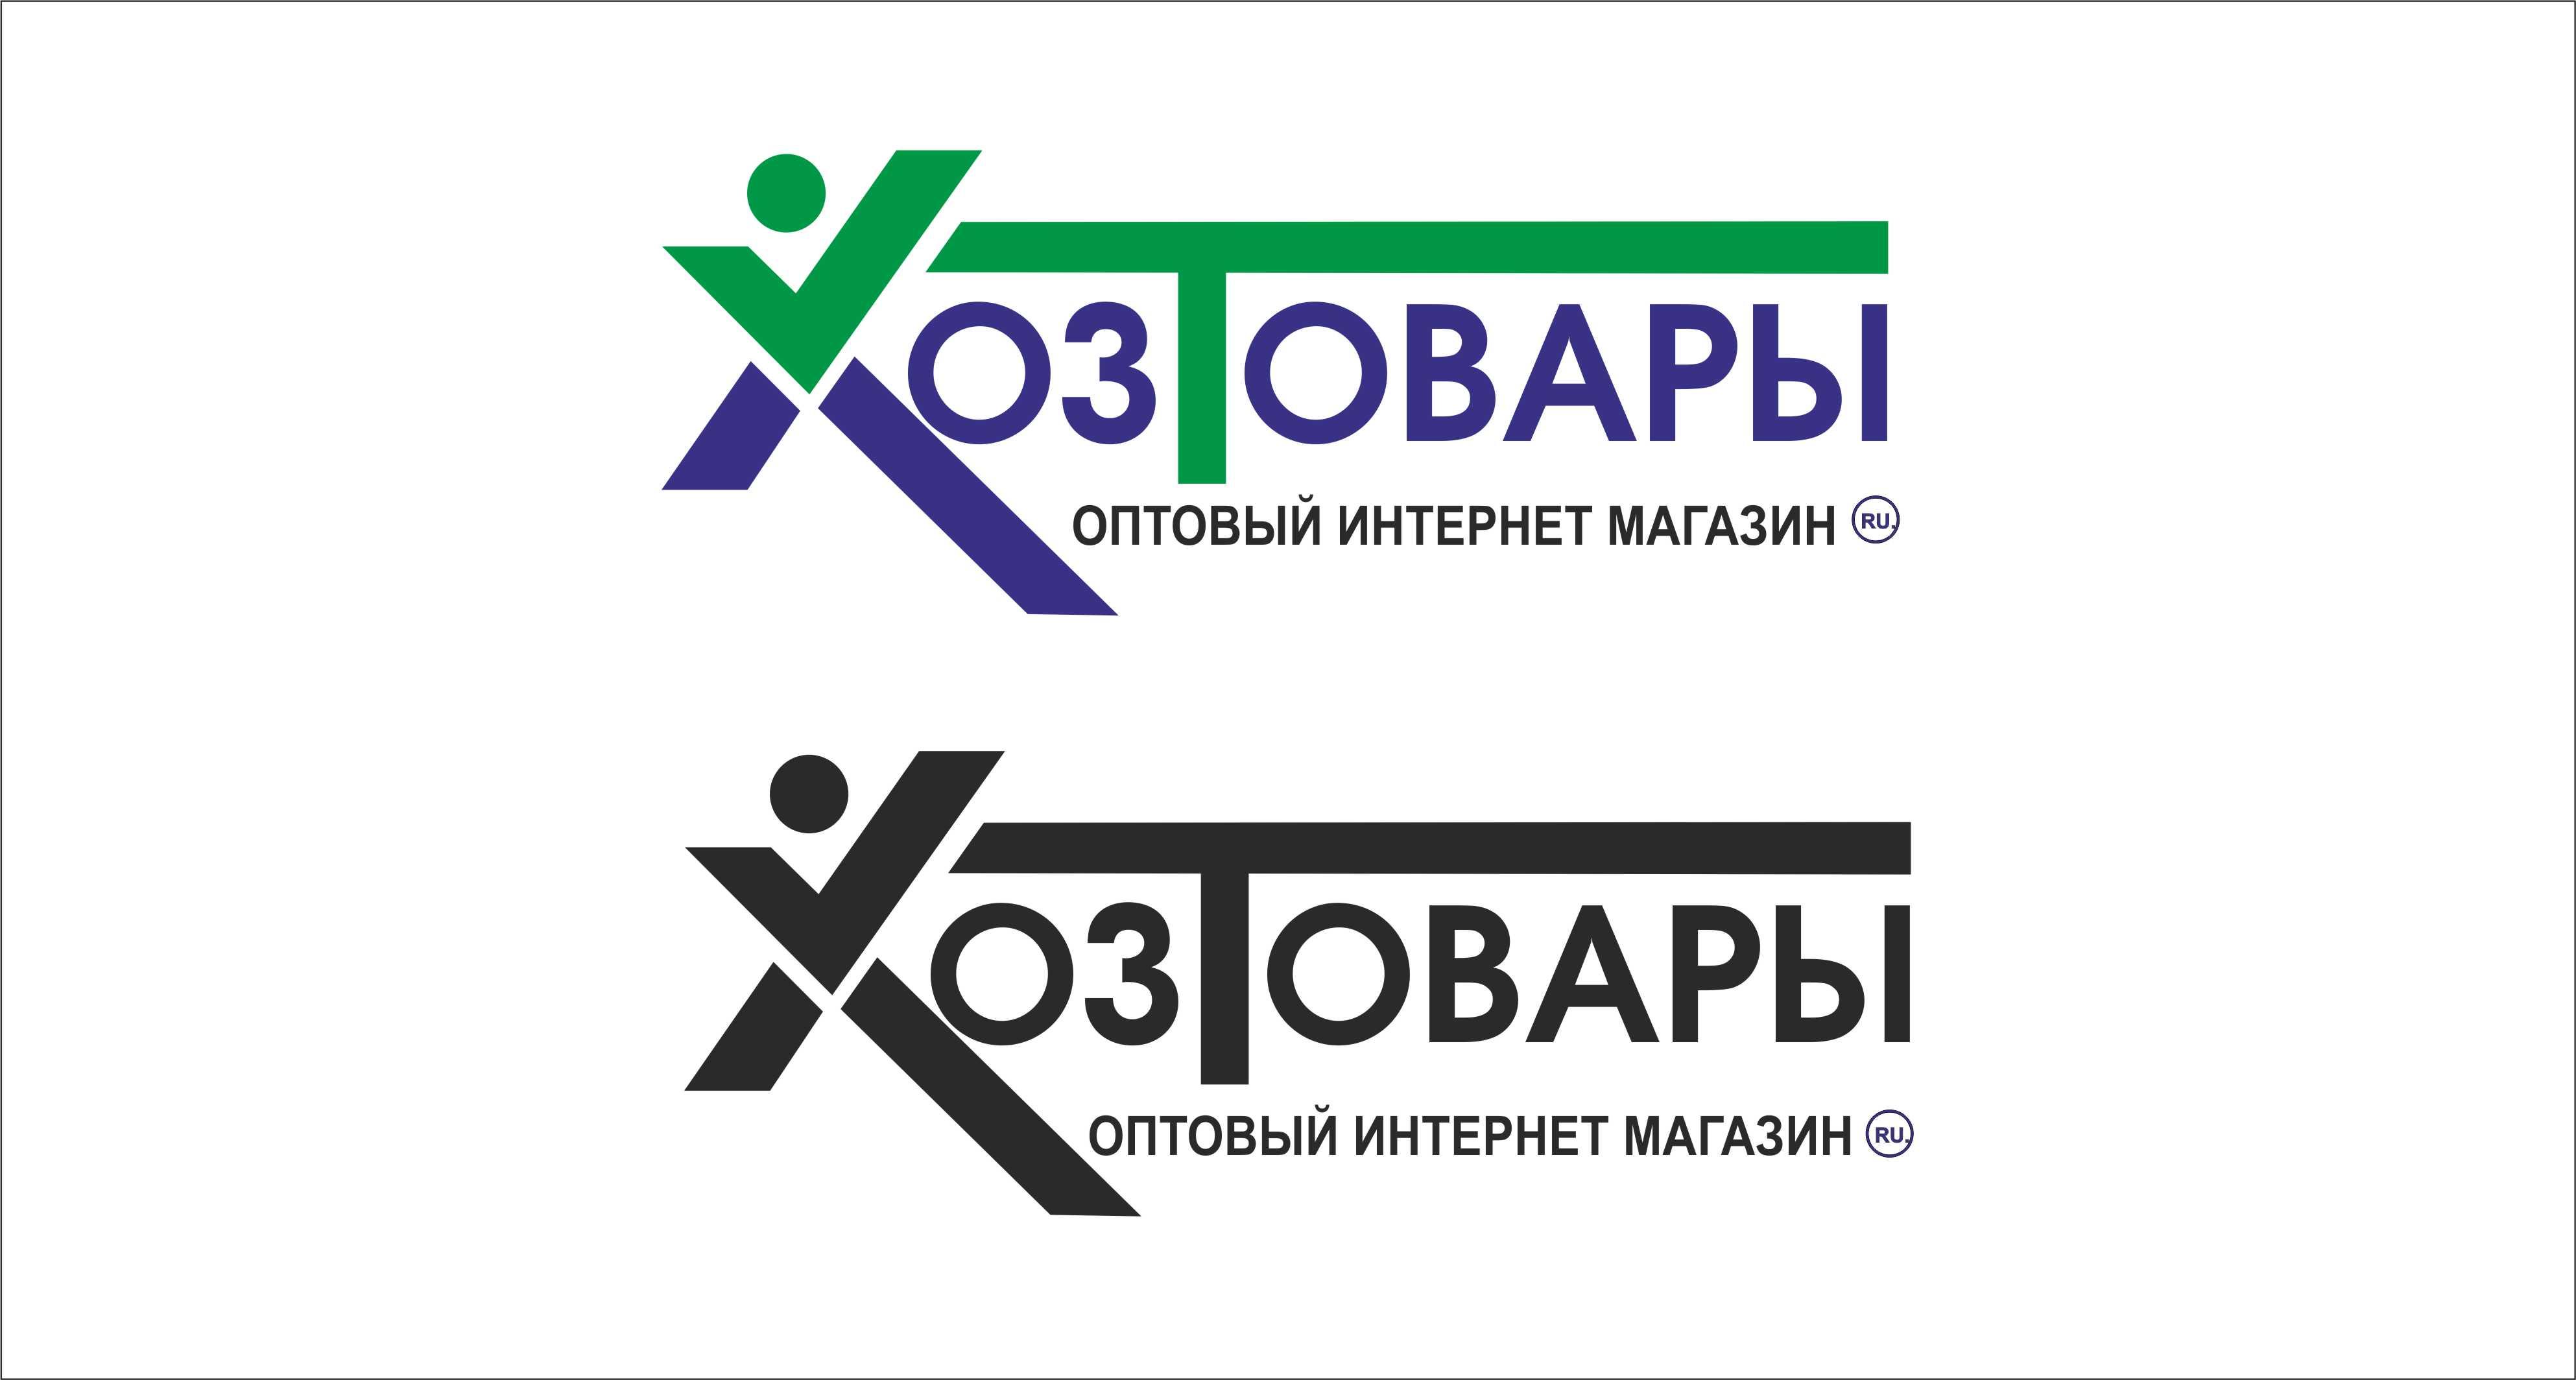 Разработка логотипа для оптового интернет-магазина «Хозтовары.ру» фото f_2316073155c7eedc.jpg